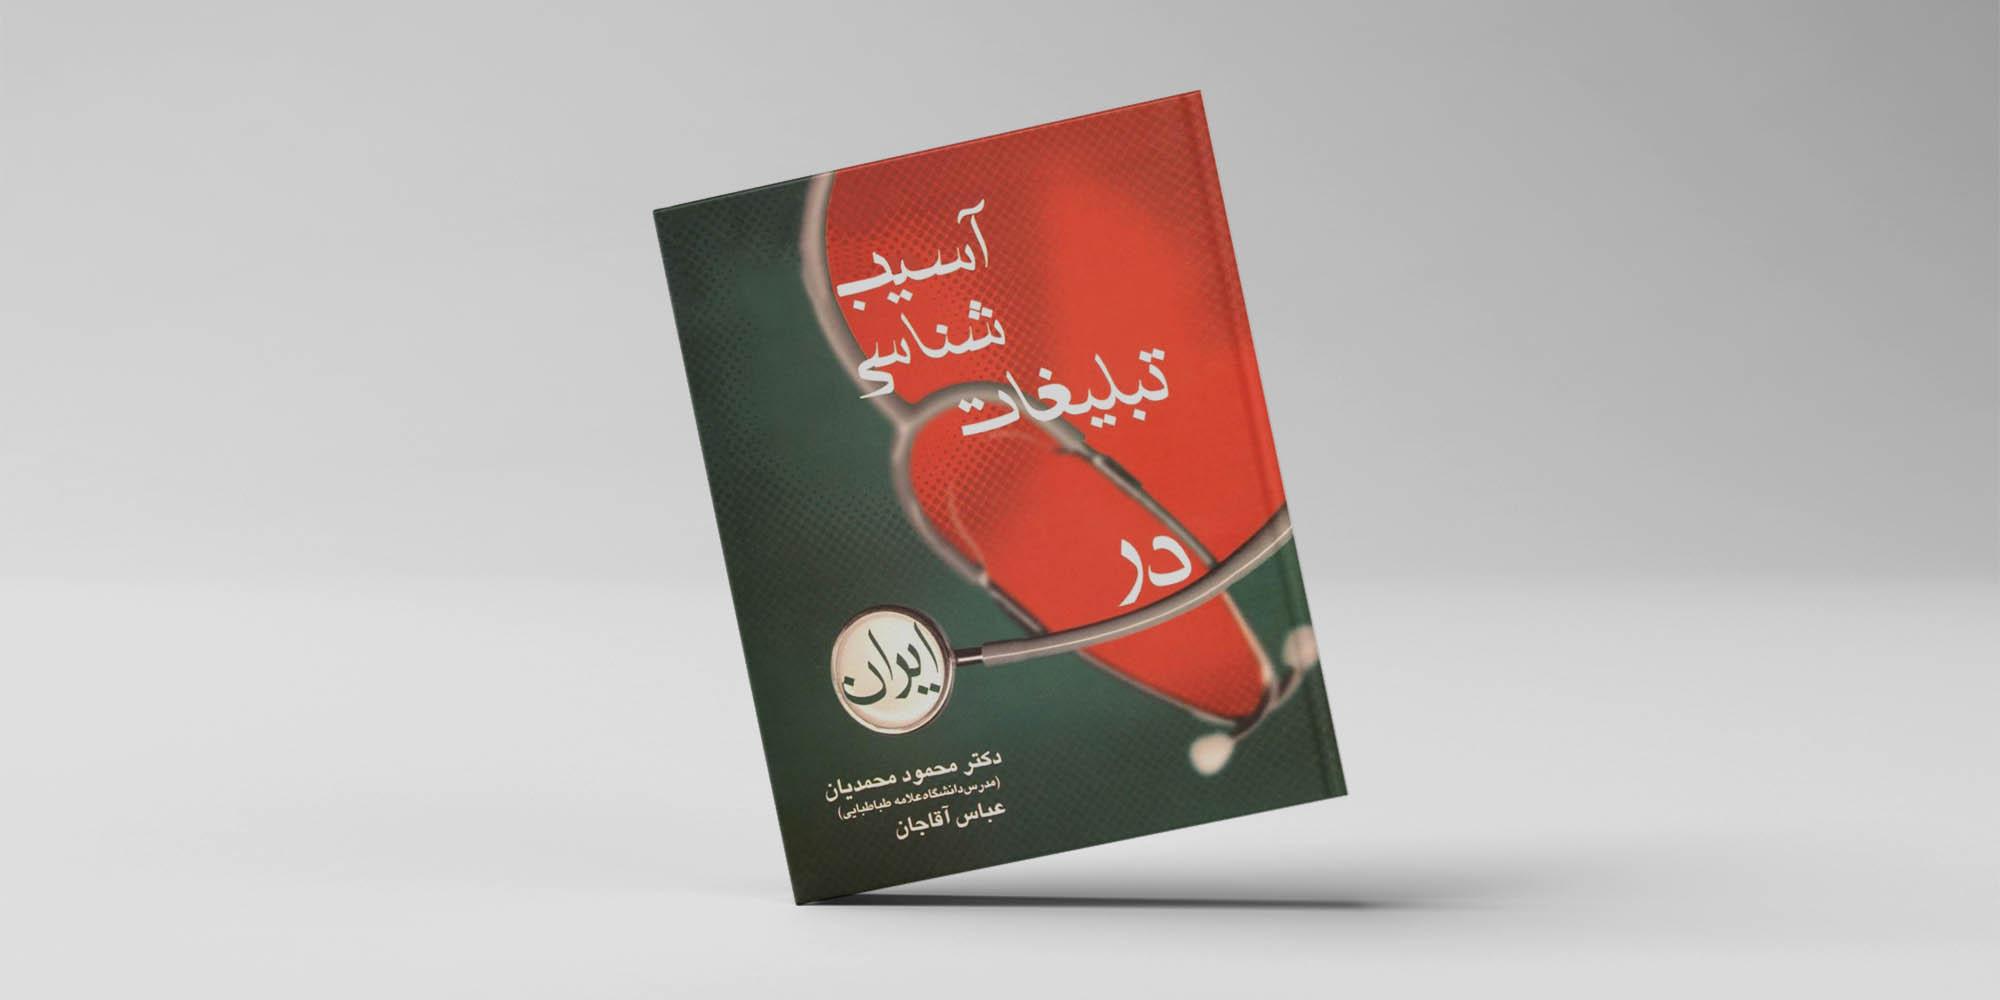 معرفی کتاب آسیب شناسی در تبلیغات ایران